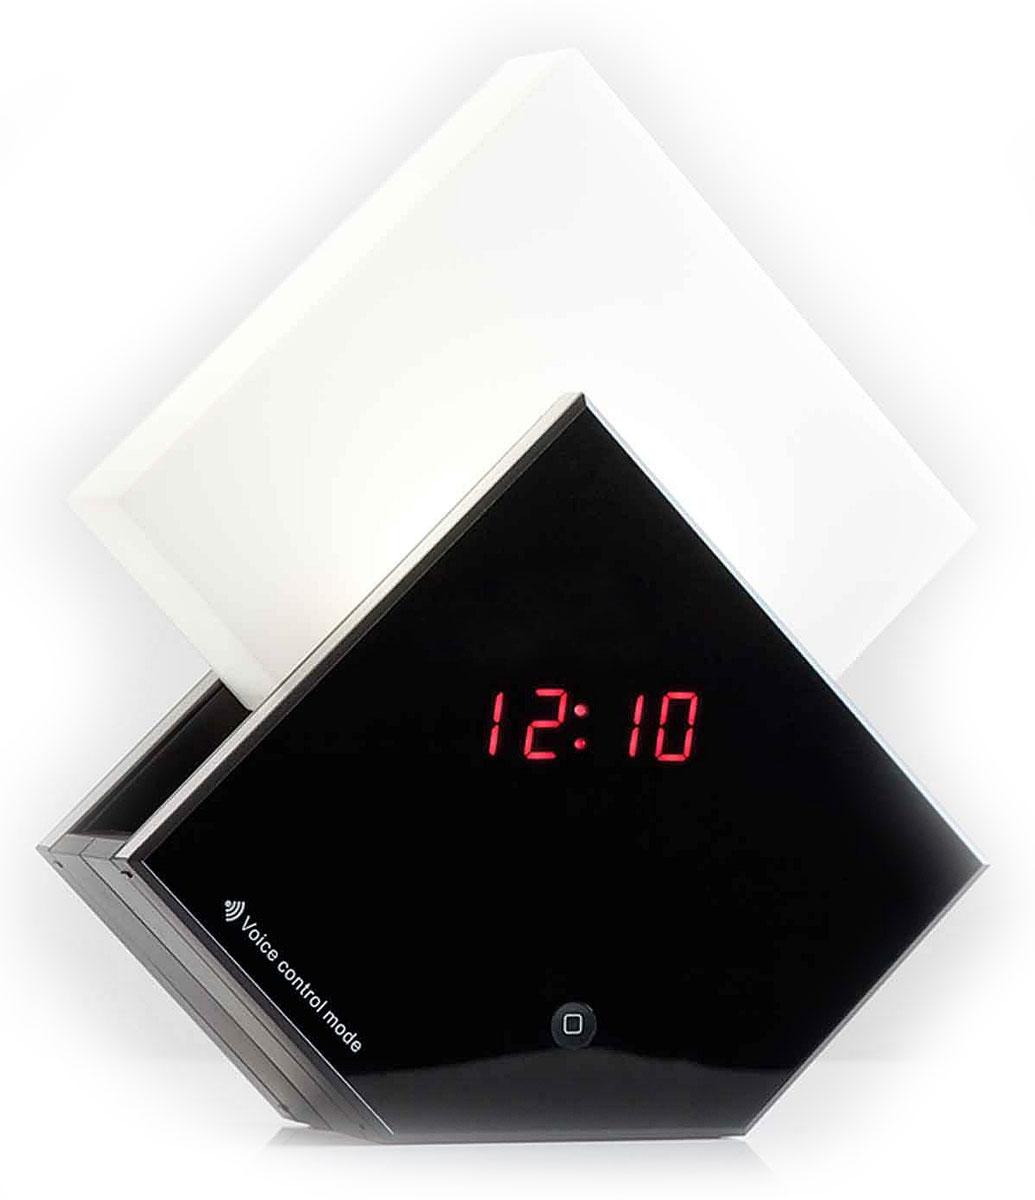 Uniel UTV-70 часы-будильникUTV-70Многофункциональные электронные часы Uniel UTV-70 Симфония рассвета рекомендуются к использованию дома и в офисах. Эта модель безусловно будет удачным украшением любого интерьера. Отличительной особенностью данных часов является светильник, включающийся и выдвигающийся при срабатывании будильника или при нажатии на соответствующую тактильную панель Touch. А включение звуков природы можно задать и просто так в любое время в диапазоне от 10 до 60 минут. Пять различных звуков природы Индикация времени, температуры и даты Будильник с функцией Snooze Источник света — светодиоды Сенсорное управление Голосовое управление Напряжение: 230В Частота: 50 ГЦ Срок службы светодиодов: до 50000 ч